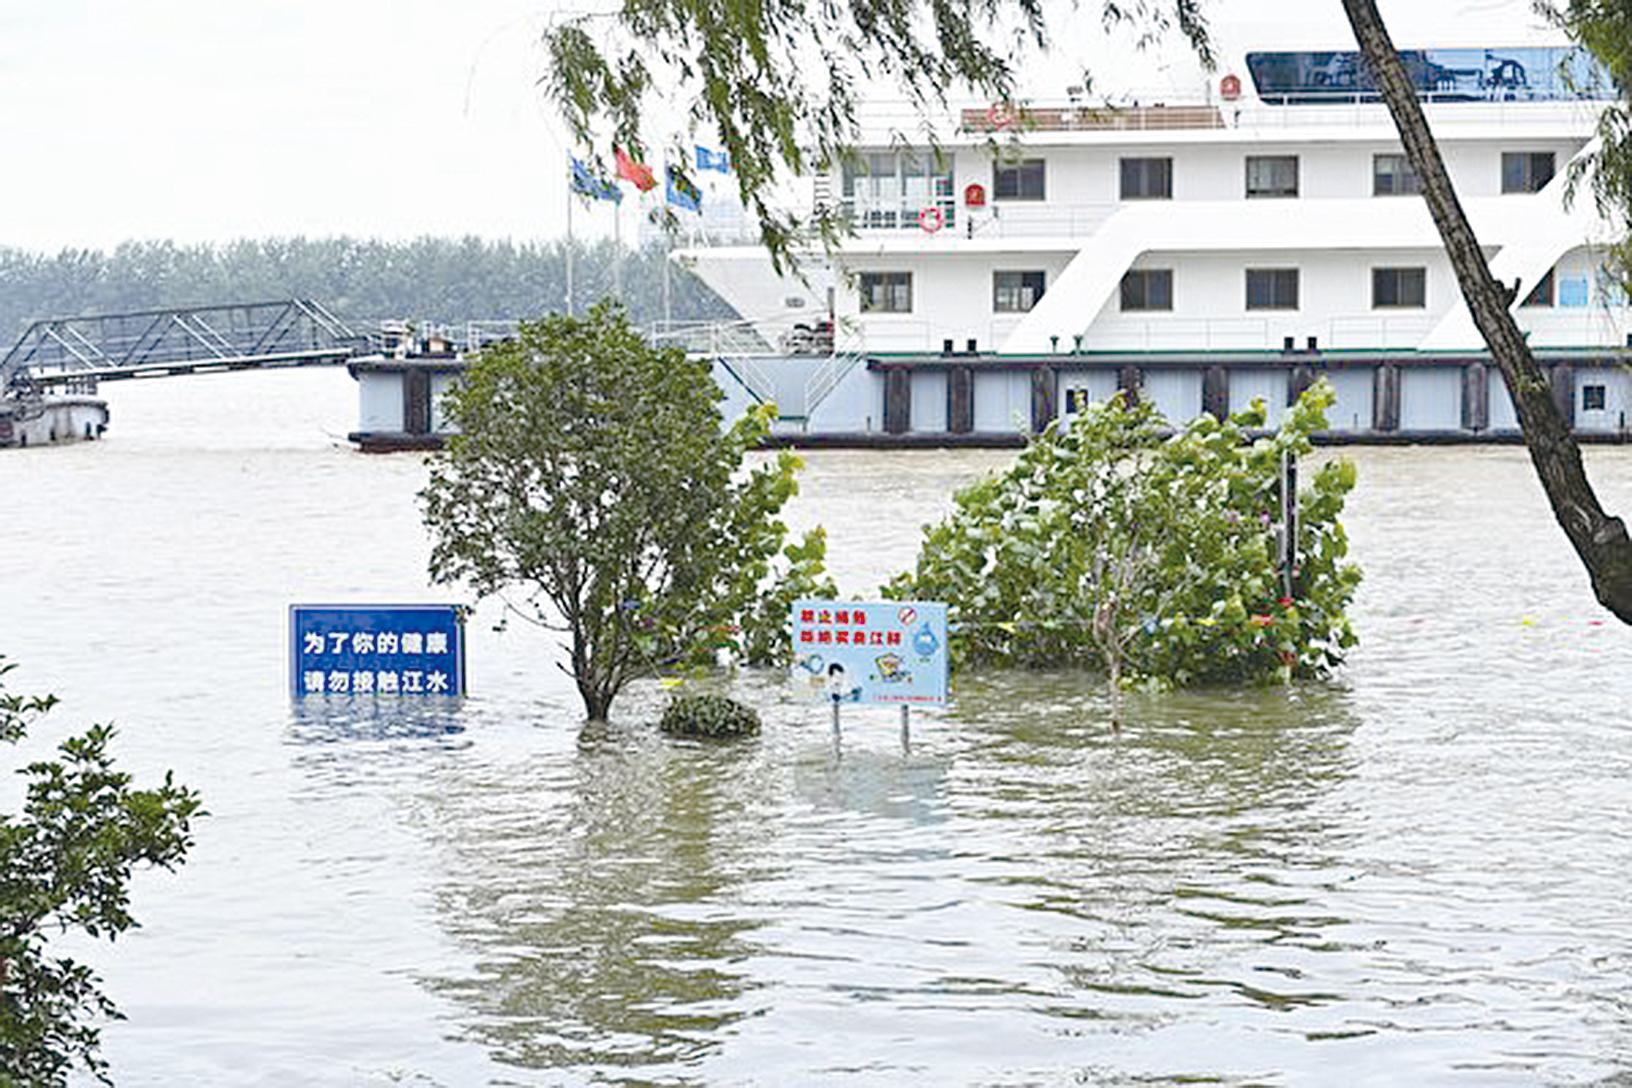 2020年7月12日,中國江蘇省南京市,長江水位高漲,周遭標誌一部份淹沒在水面之下。(STR/AFP via Getty Images)